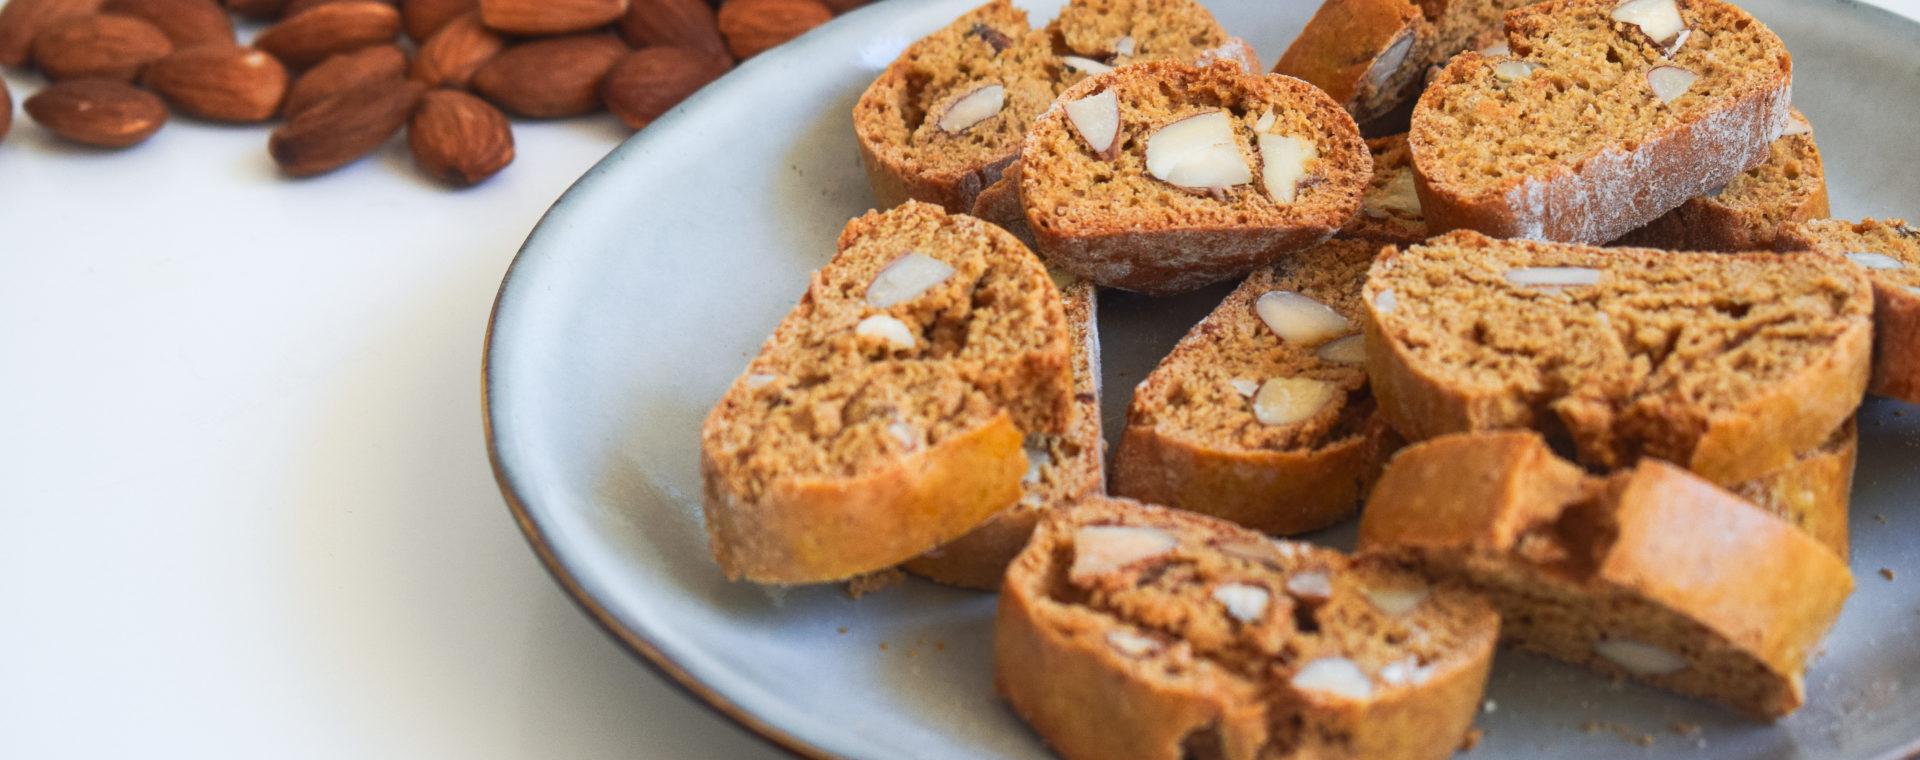 Biscuits croquants aux amandes